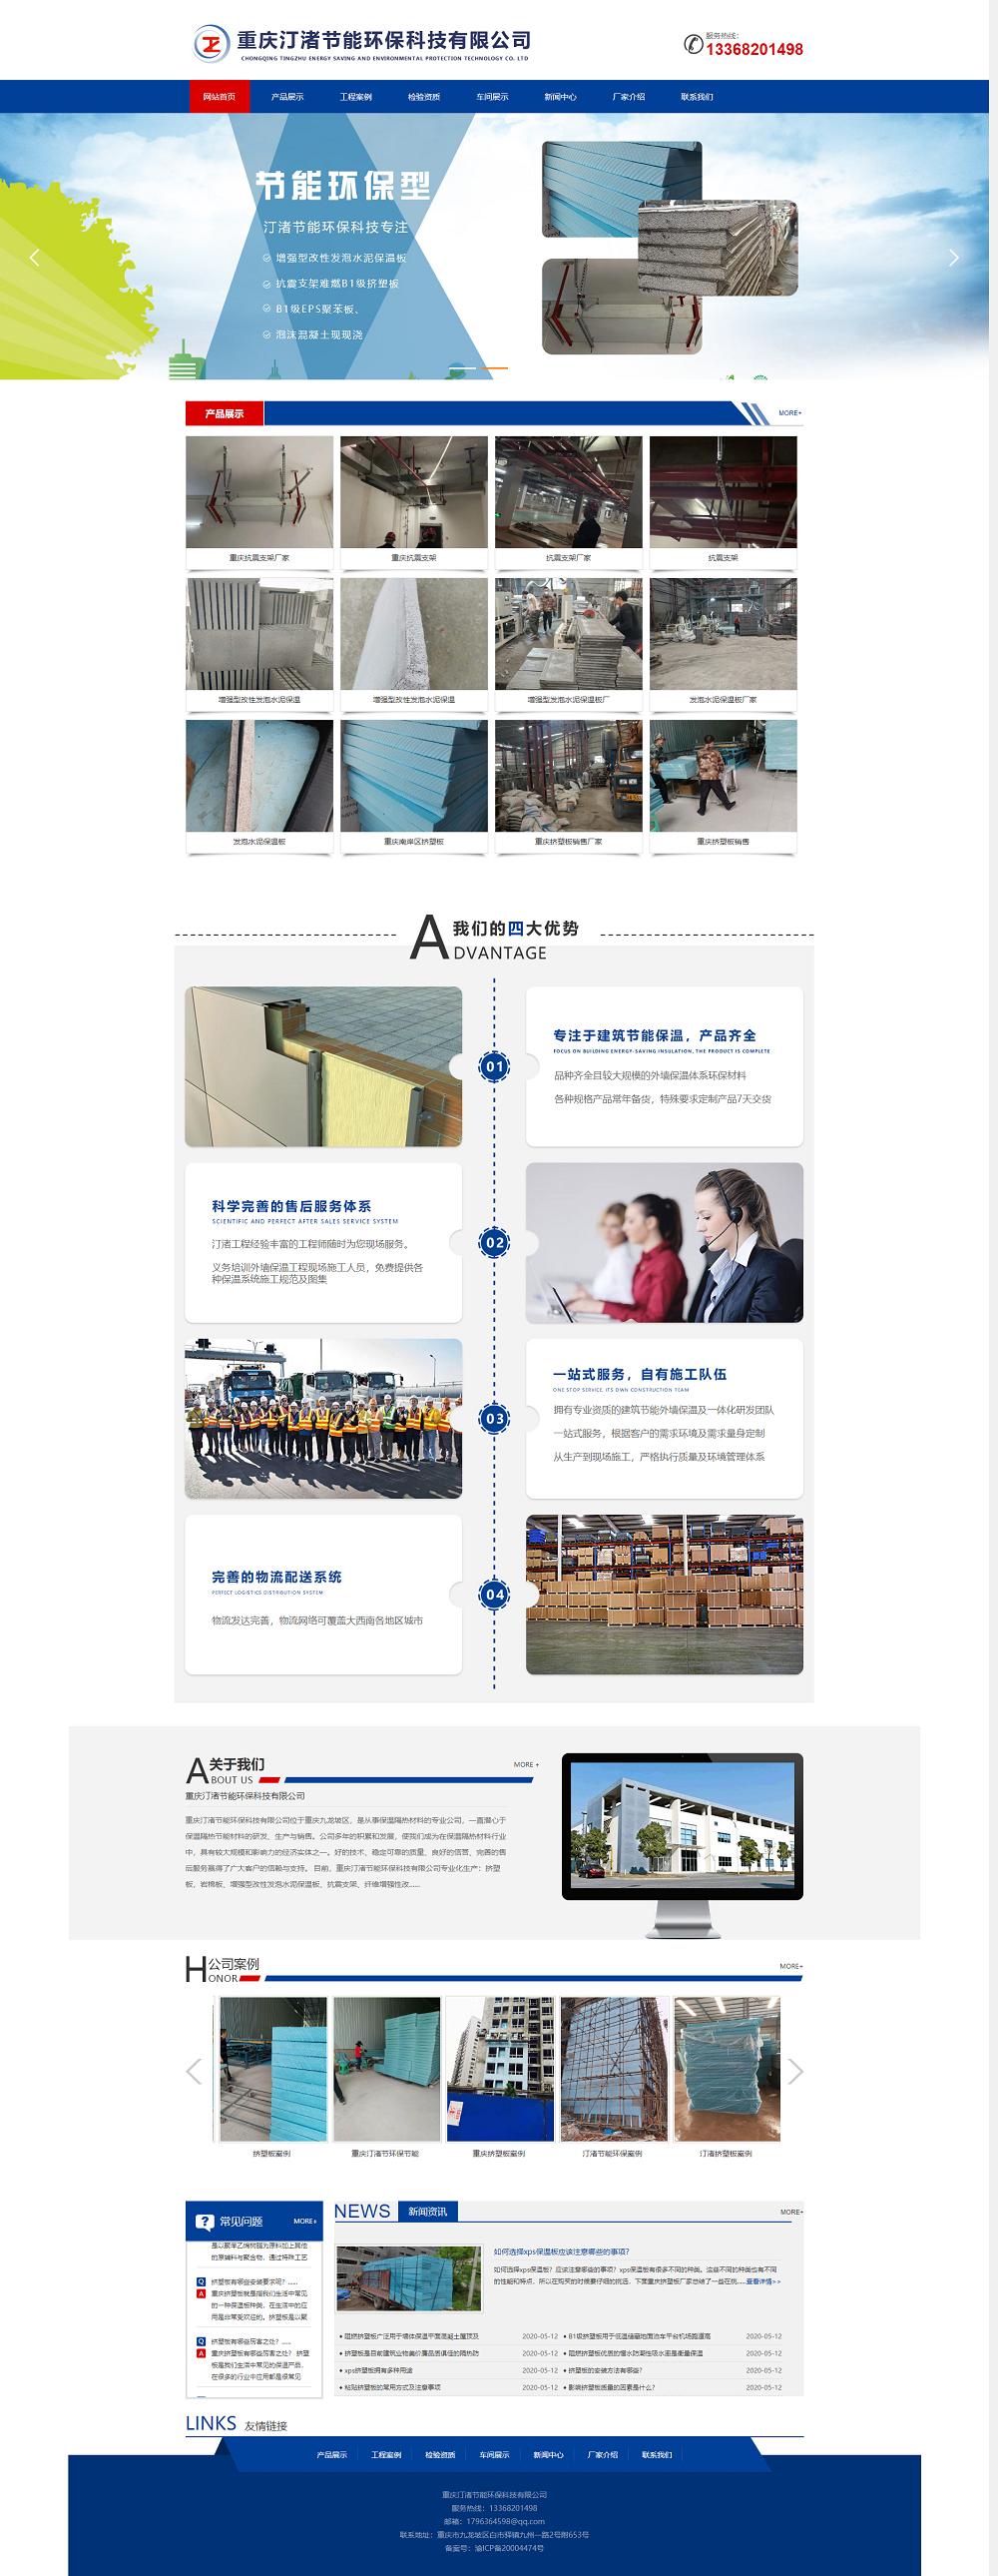 重庆汀渚节能环保科技有限公司网站建设案例